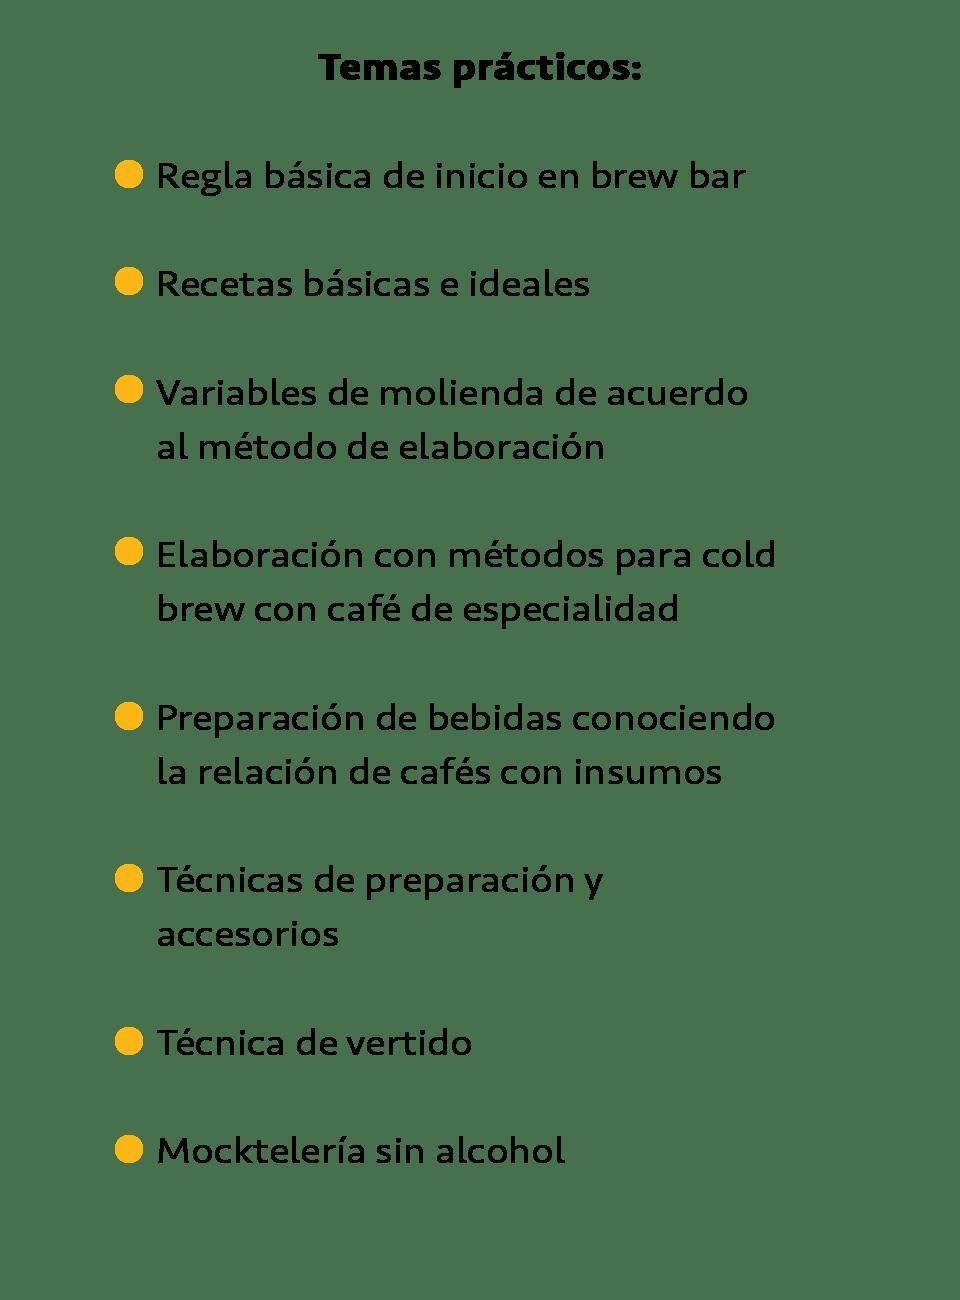 Temas prácticos taller de brew bar cold brew mixología